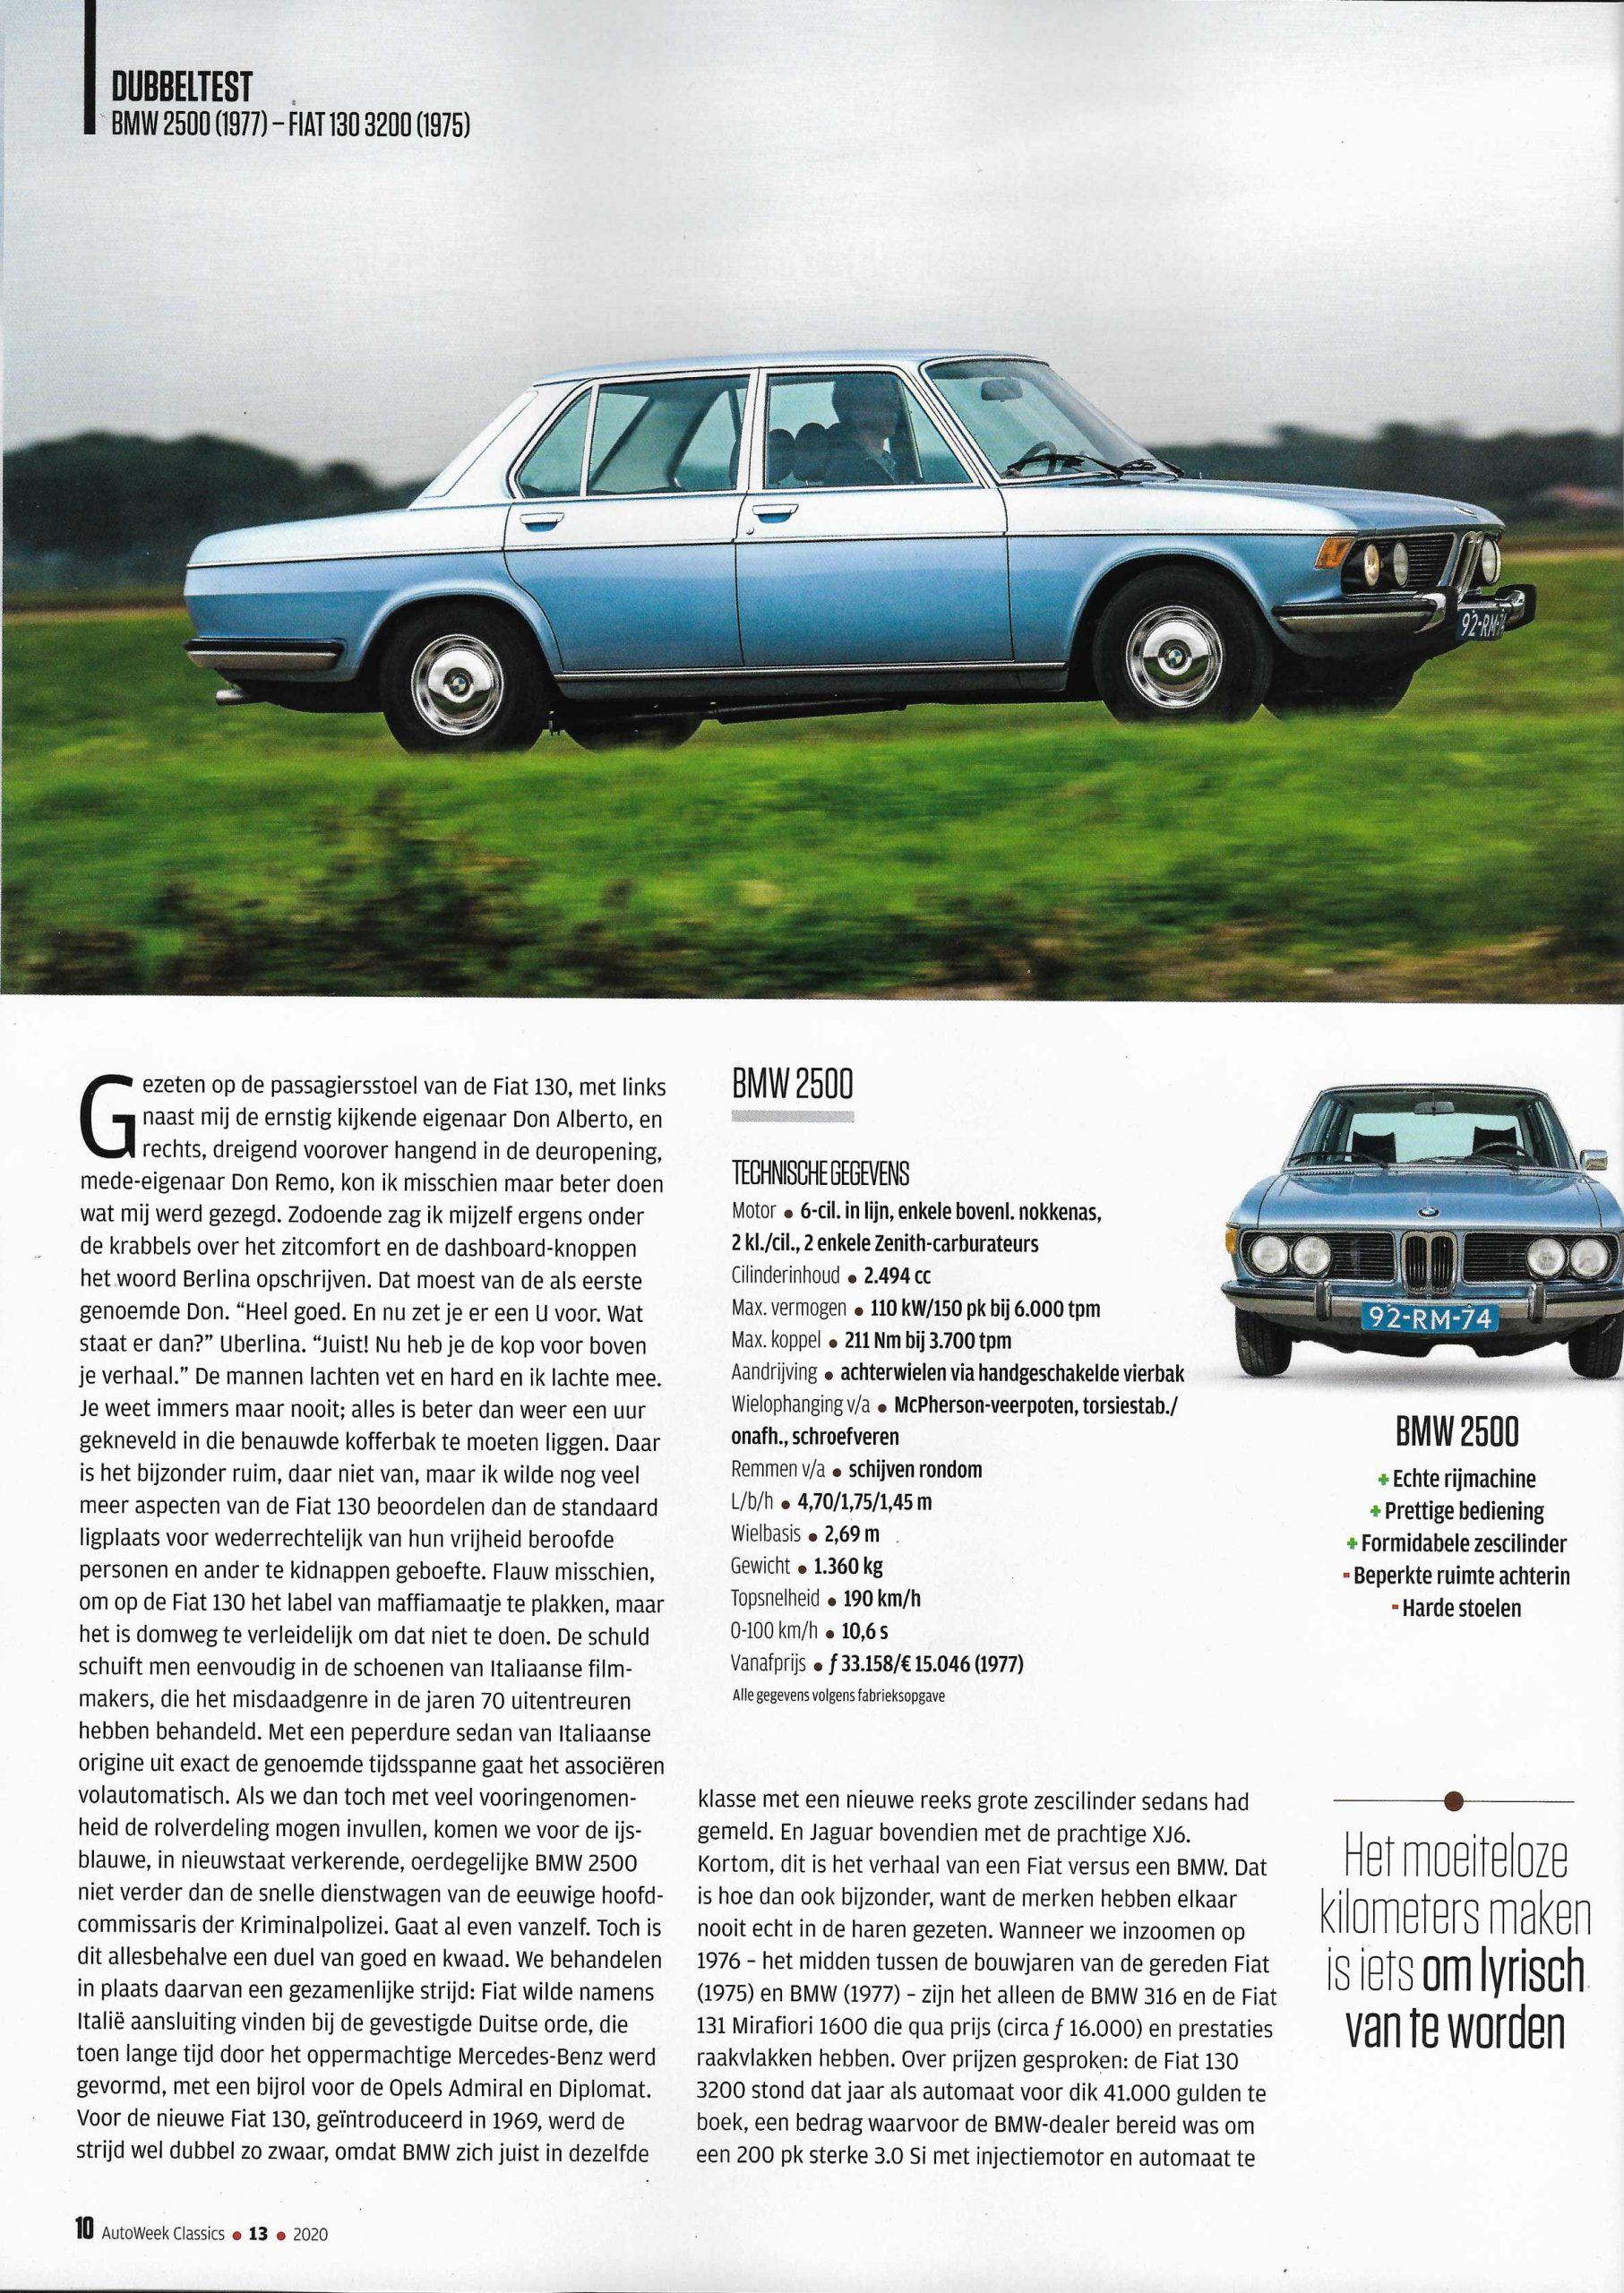 AutoWeek-Classics Fiat 130